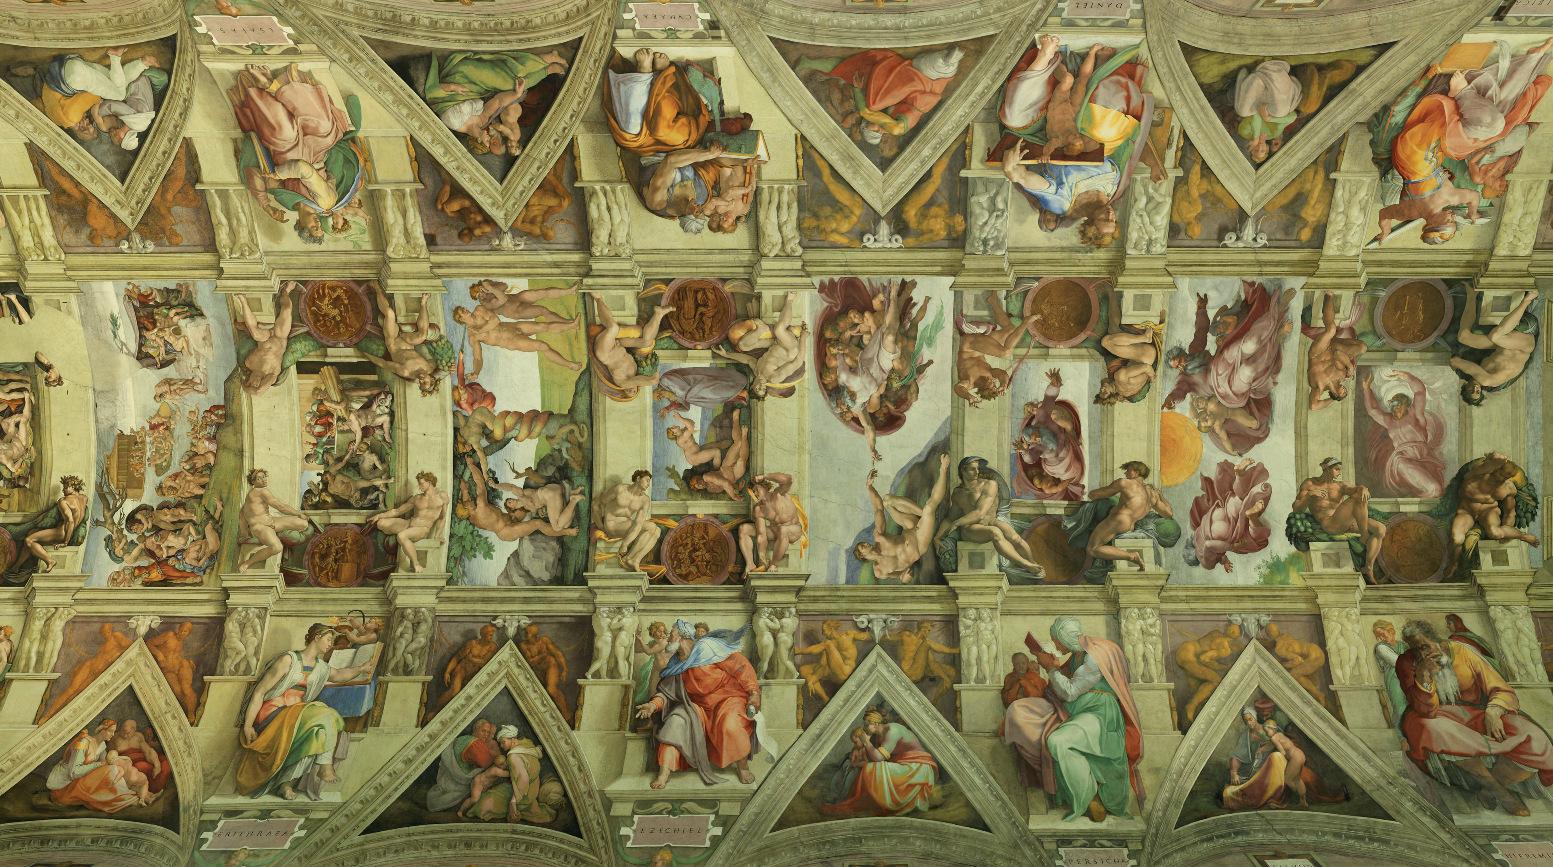 M ditation le plafond de la sixtine chemin d 39 amour vers le p re au fil des jours - Michel ange chapelle sixtine plafond ...